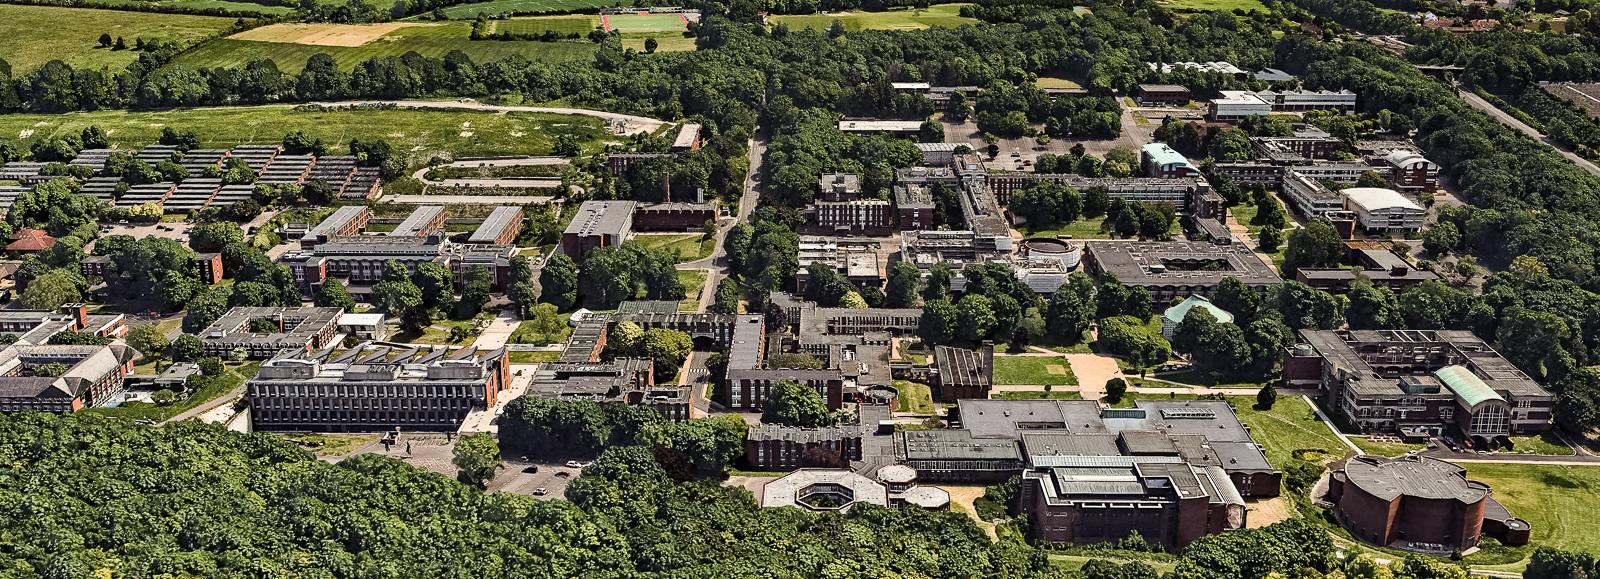 University of Sussex in Brighton